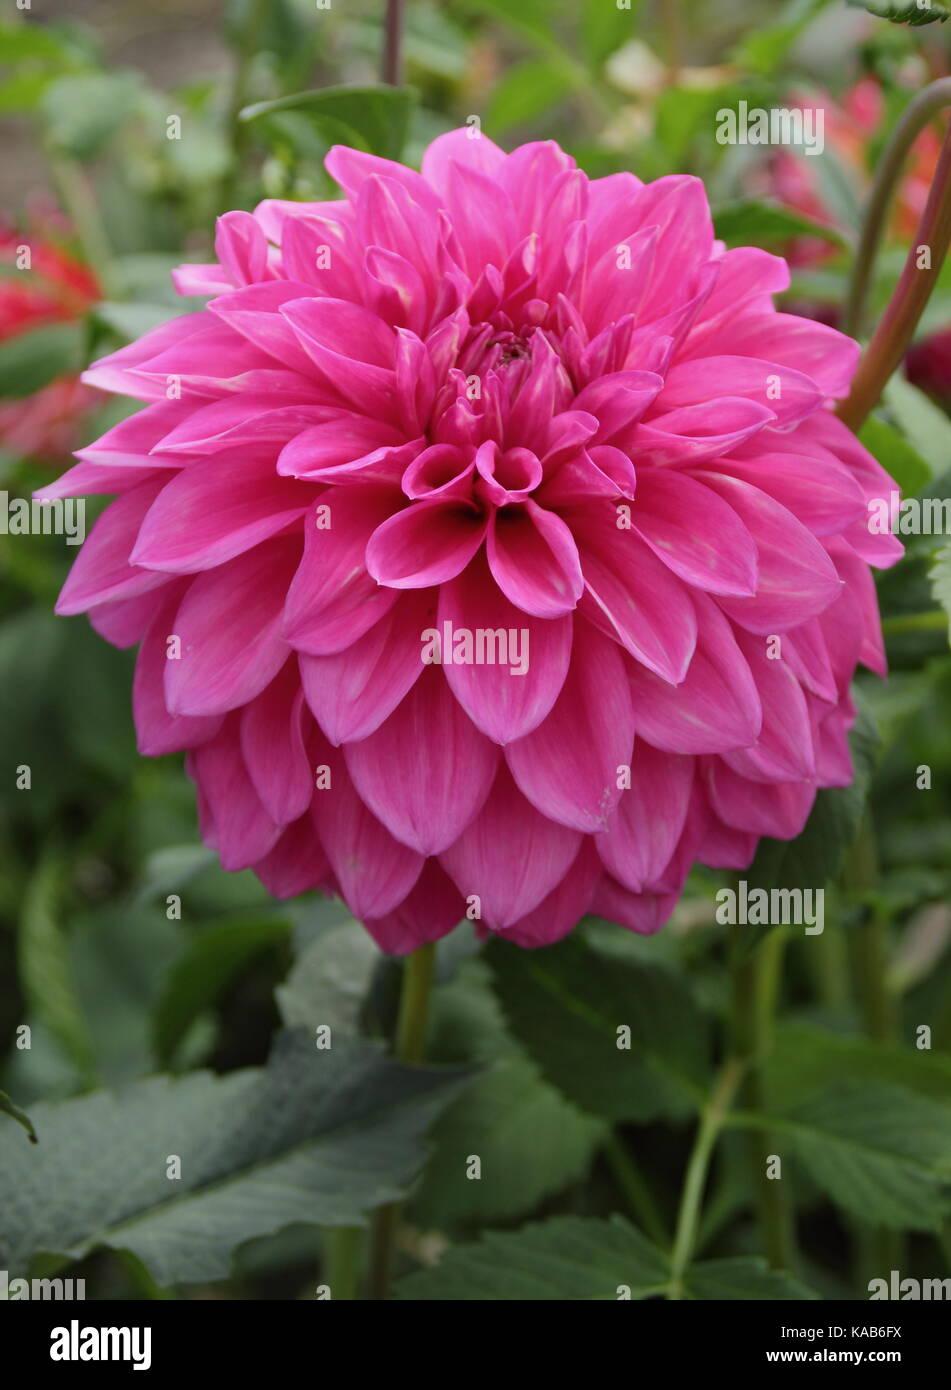 Bargaly Blush Dahlie in voller Blüte in einem Englischen Garten im Spätsommer Stockbild